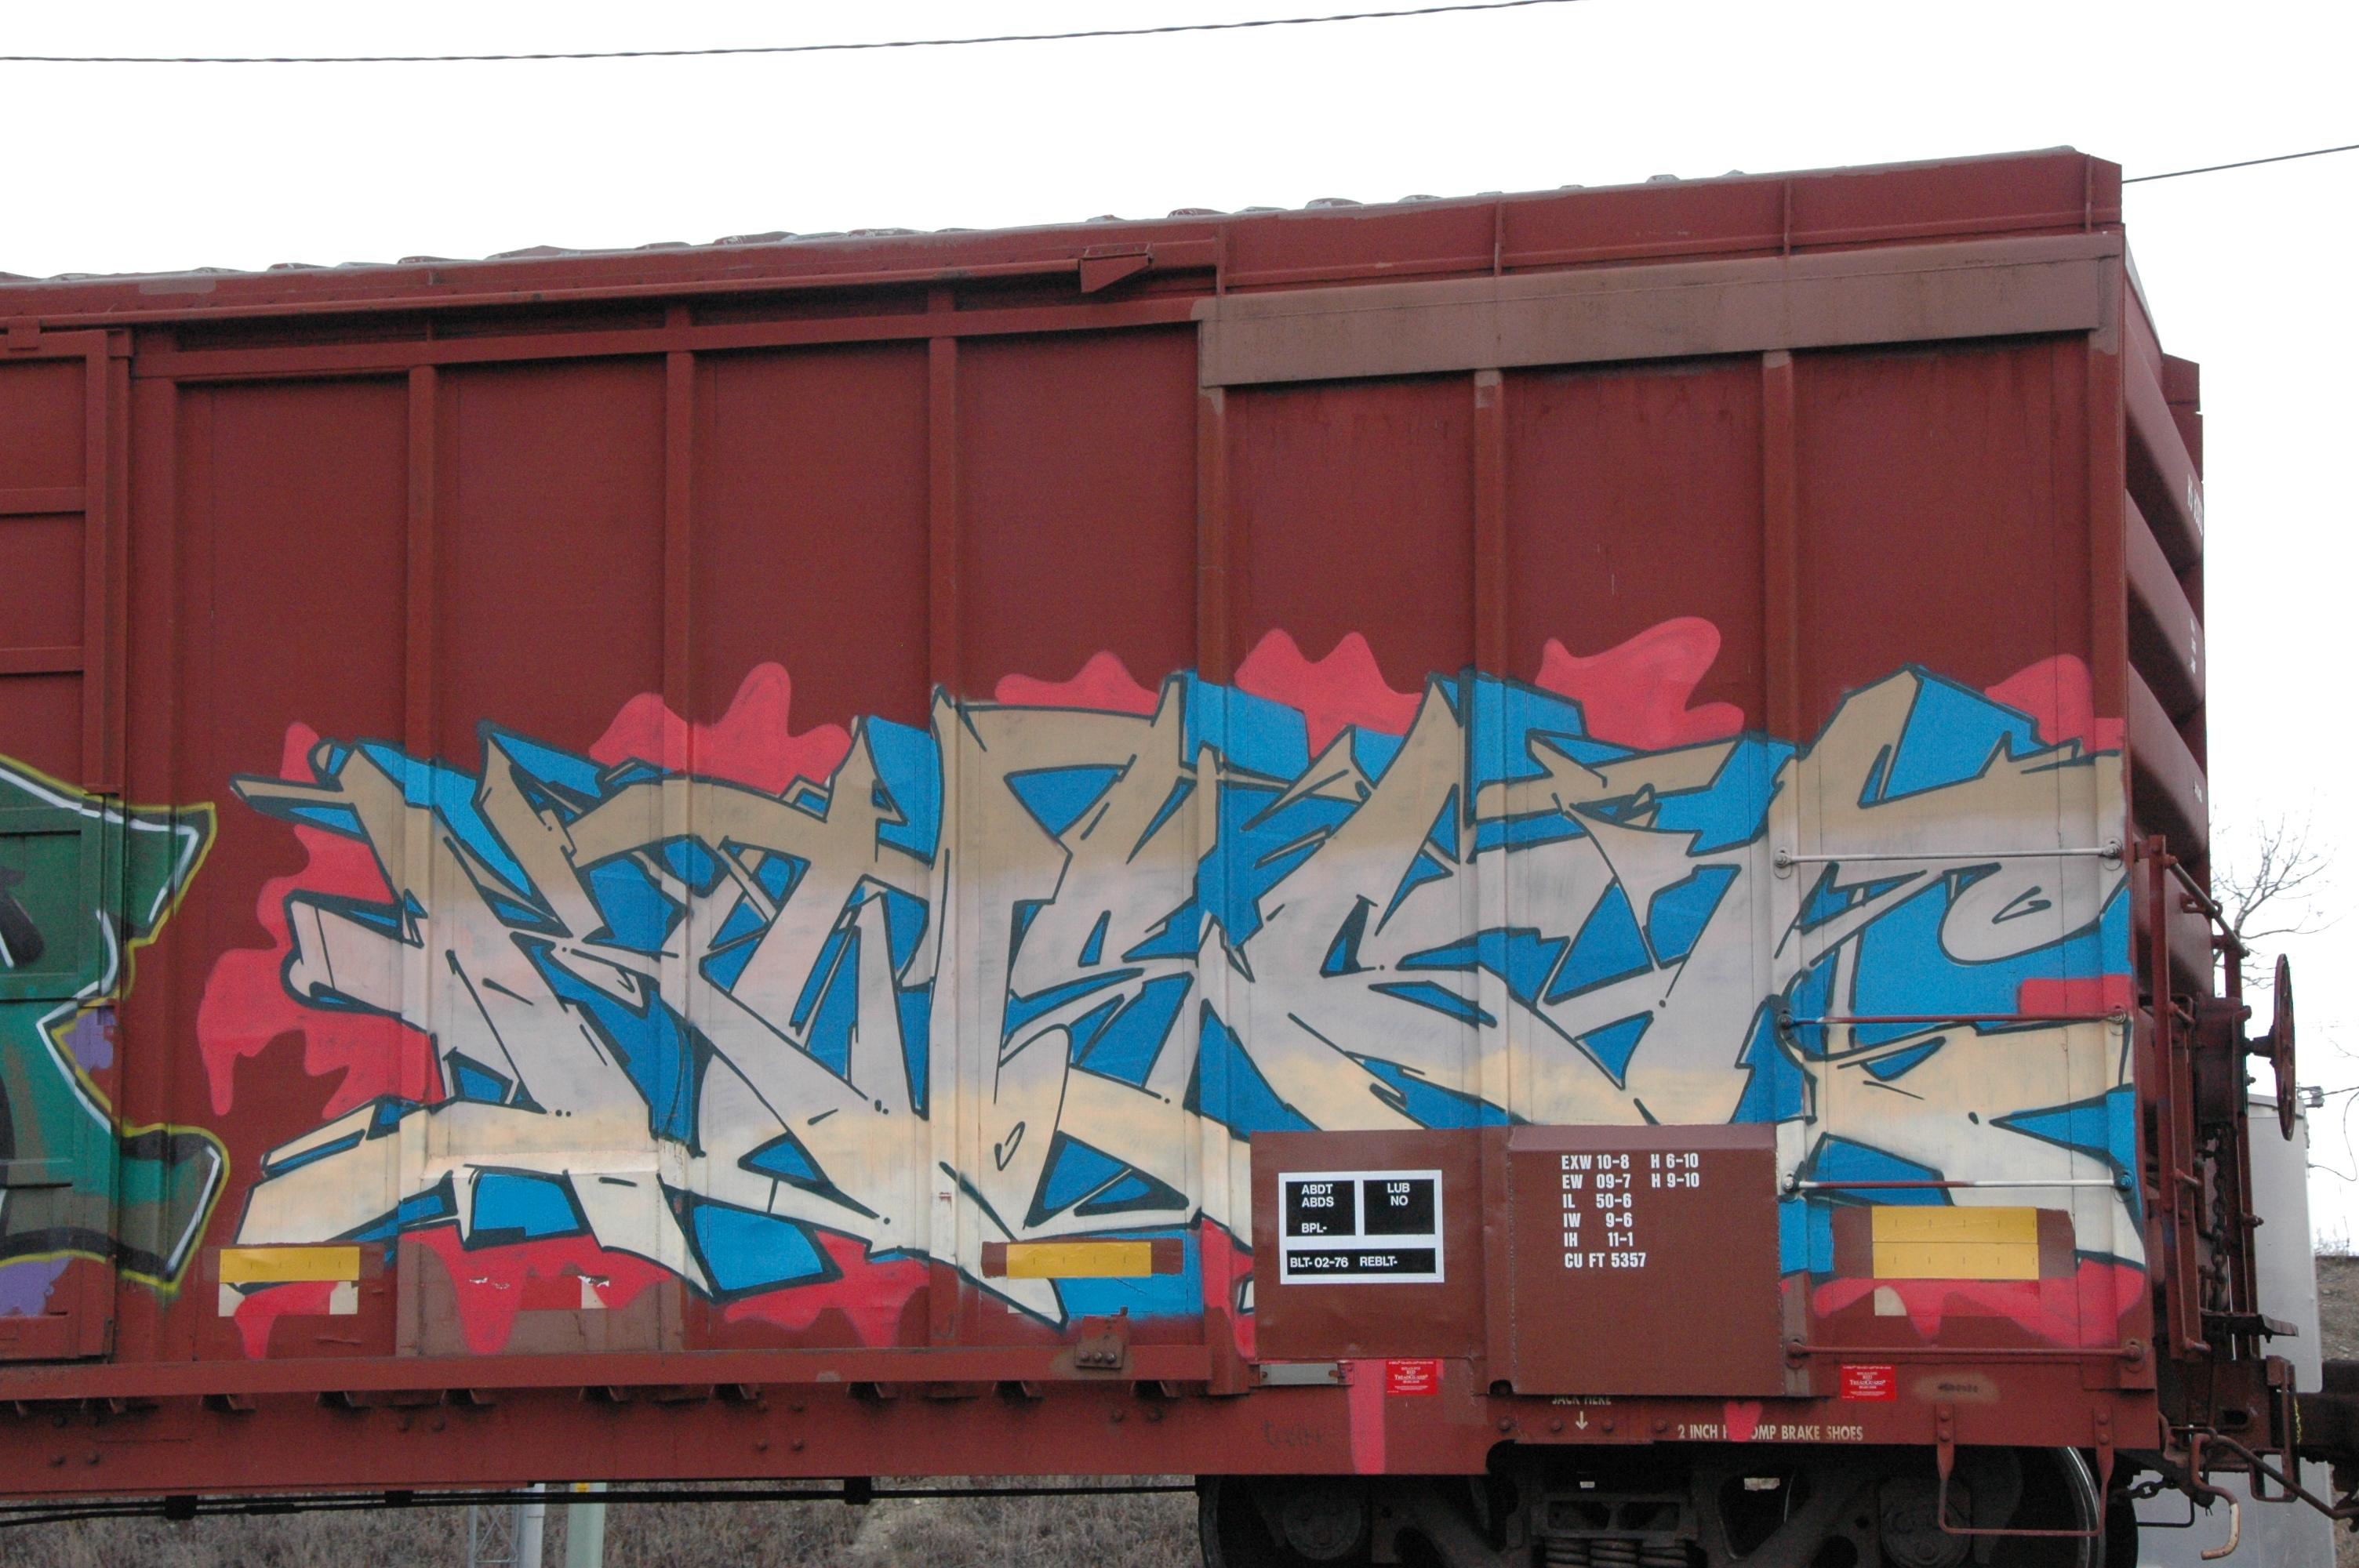 Masaustu Arac Tren Bank Celik Kanada Duvar Yazisi Sokak